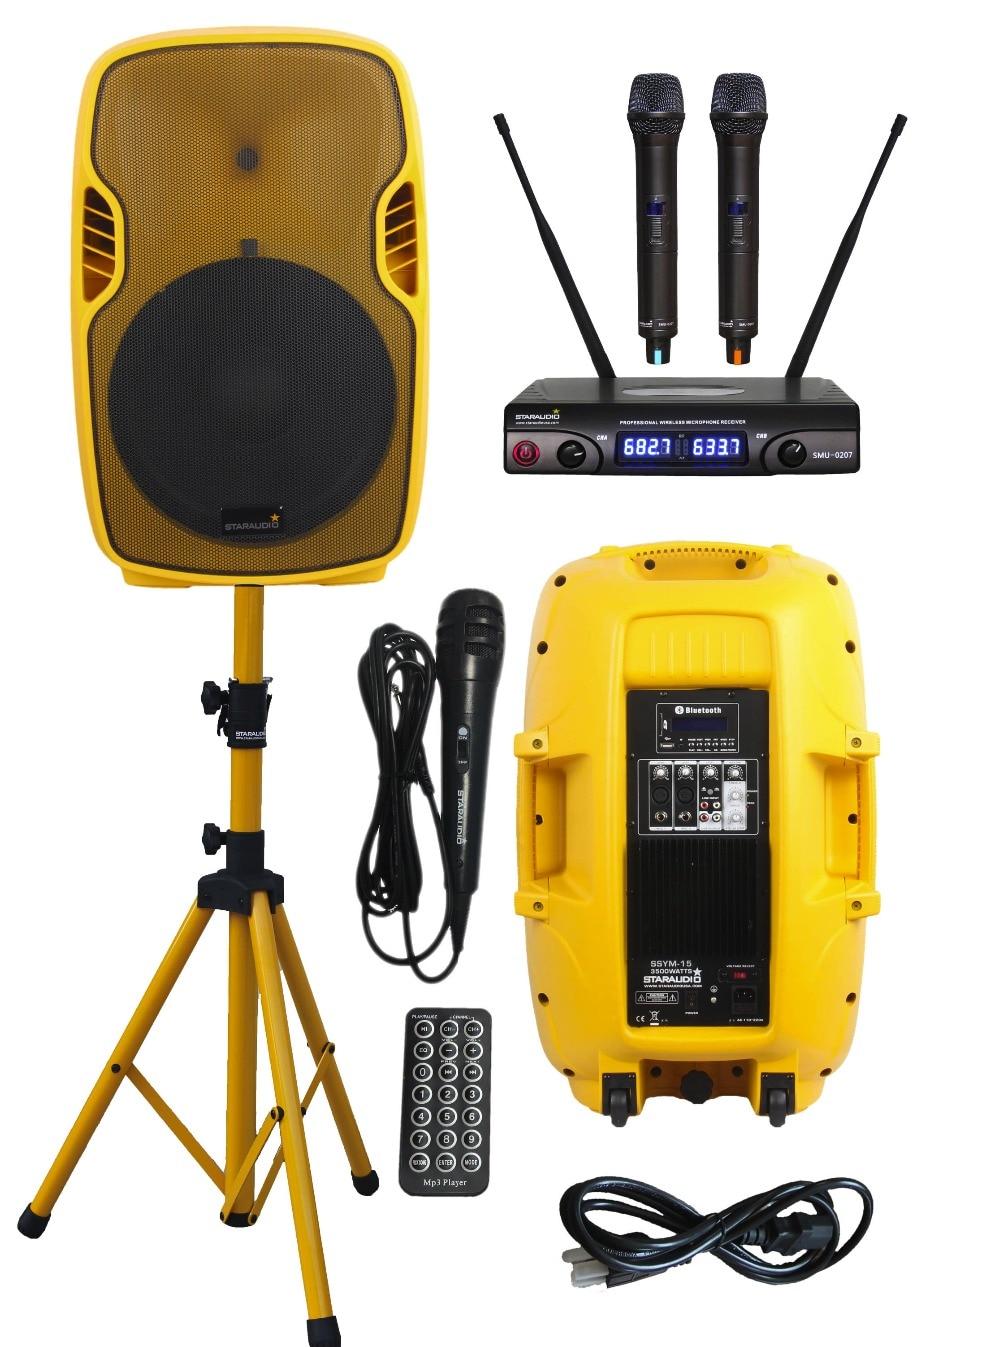 STARAUDIO 15 3500W Powered Active PA DJ Stage Karaoke USB SD FM BT Yellow Speaker W/ Stand 2CH UHF Microphones SSYM-15